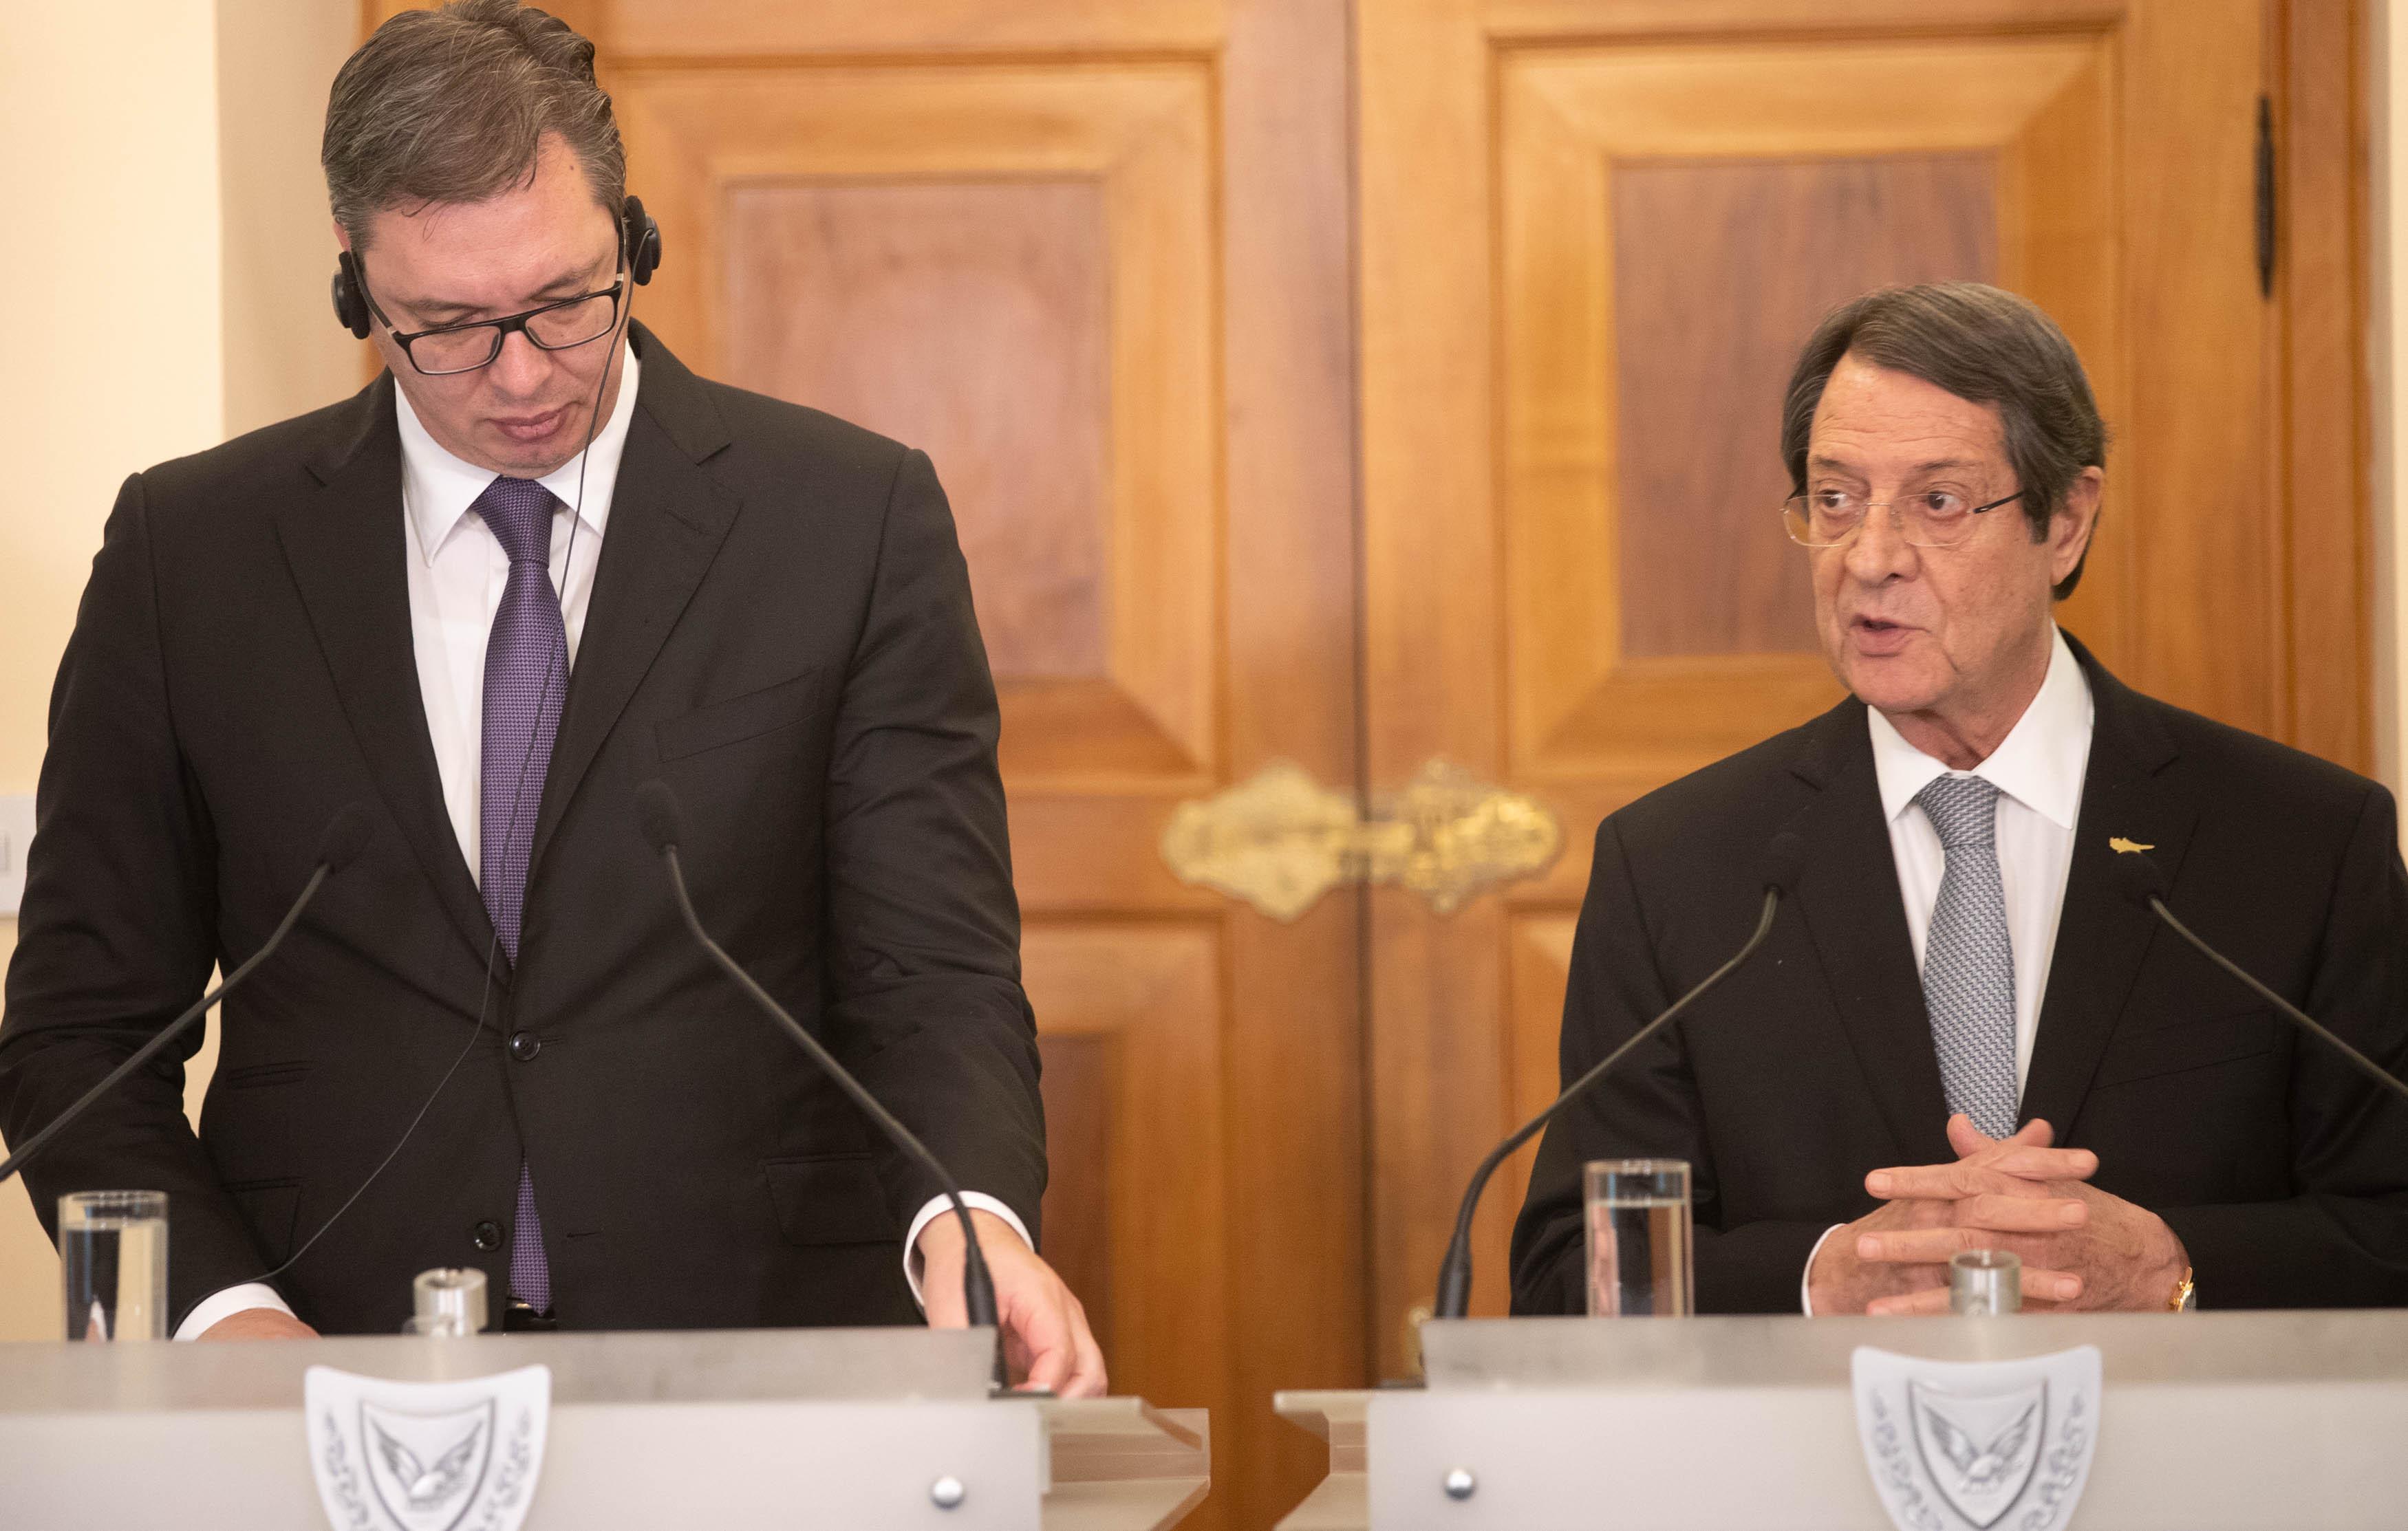 Ενίσχυση της συνεργασίας Κύπρου Σερβίας αποφάσισαν Αναστασιάδης Vucic